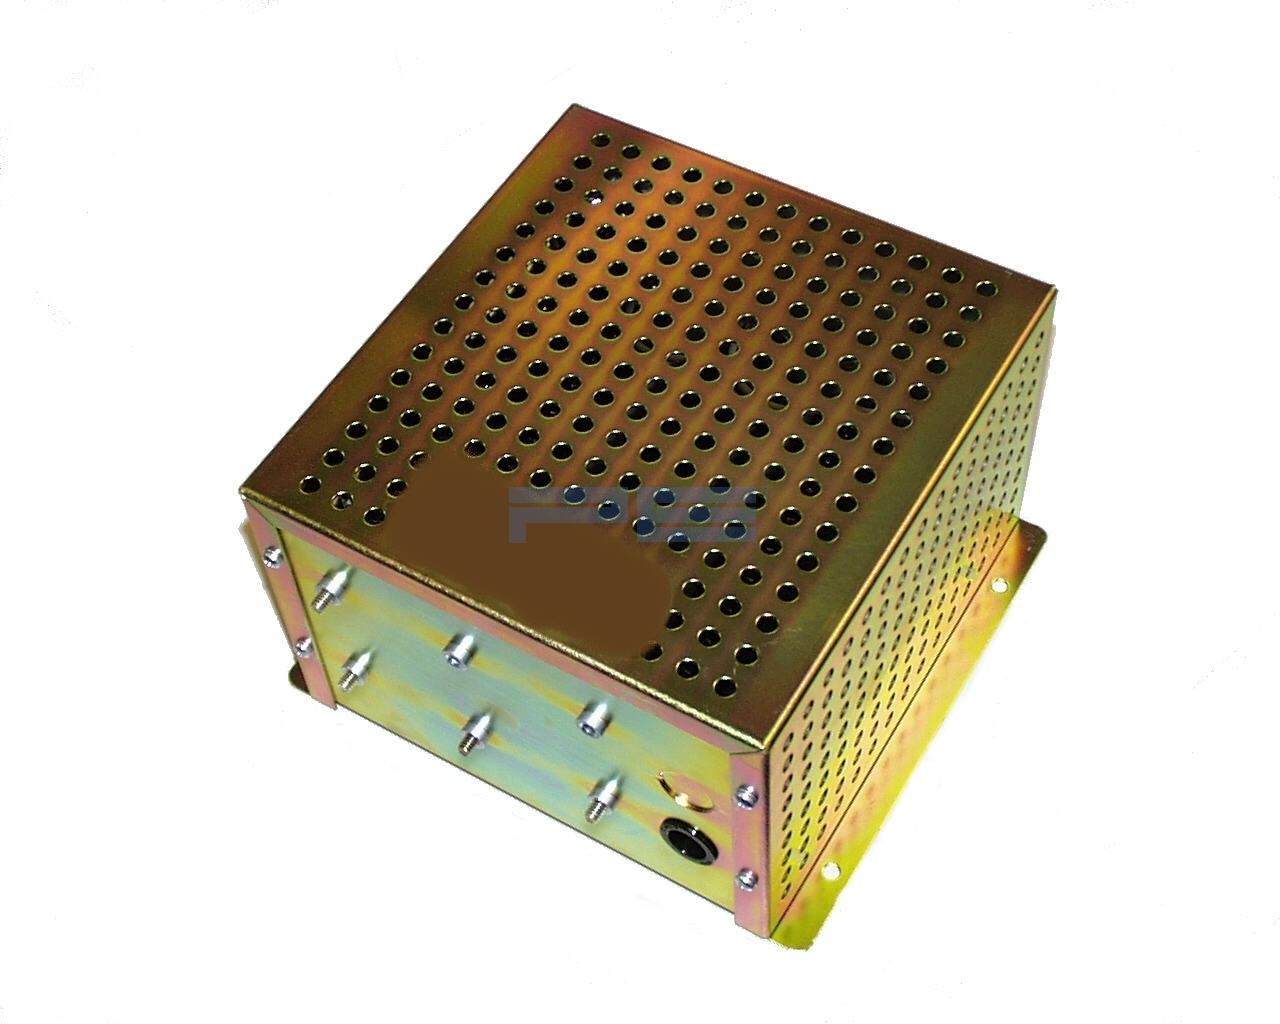 Regeneration Resistor